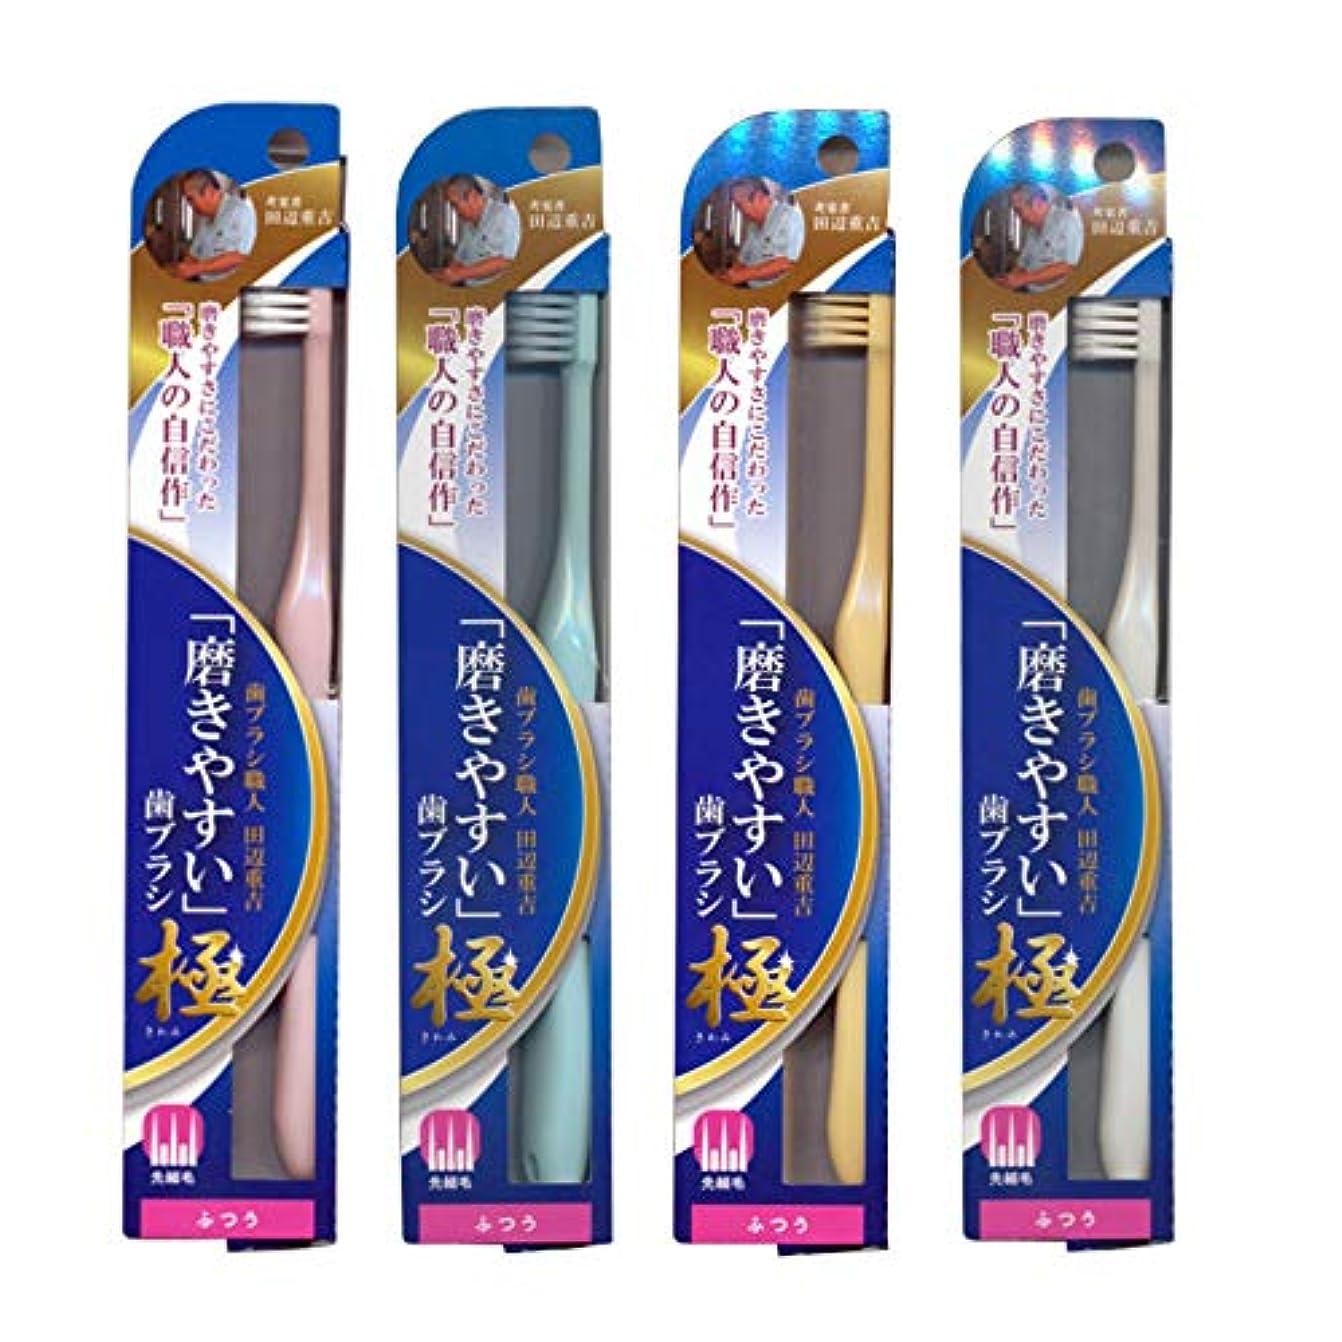 正当な詩考慮磨きやすい歯ブラシ極 (ふつう) LT-44×4本セット(ピンク×1、ブルー×1、ホワイト×1、イエロー×1)先細毛